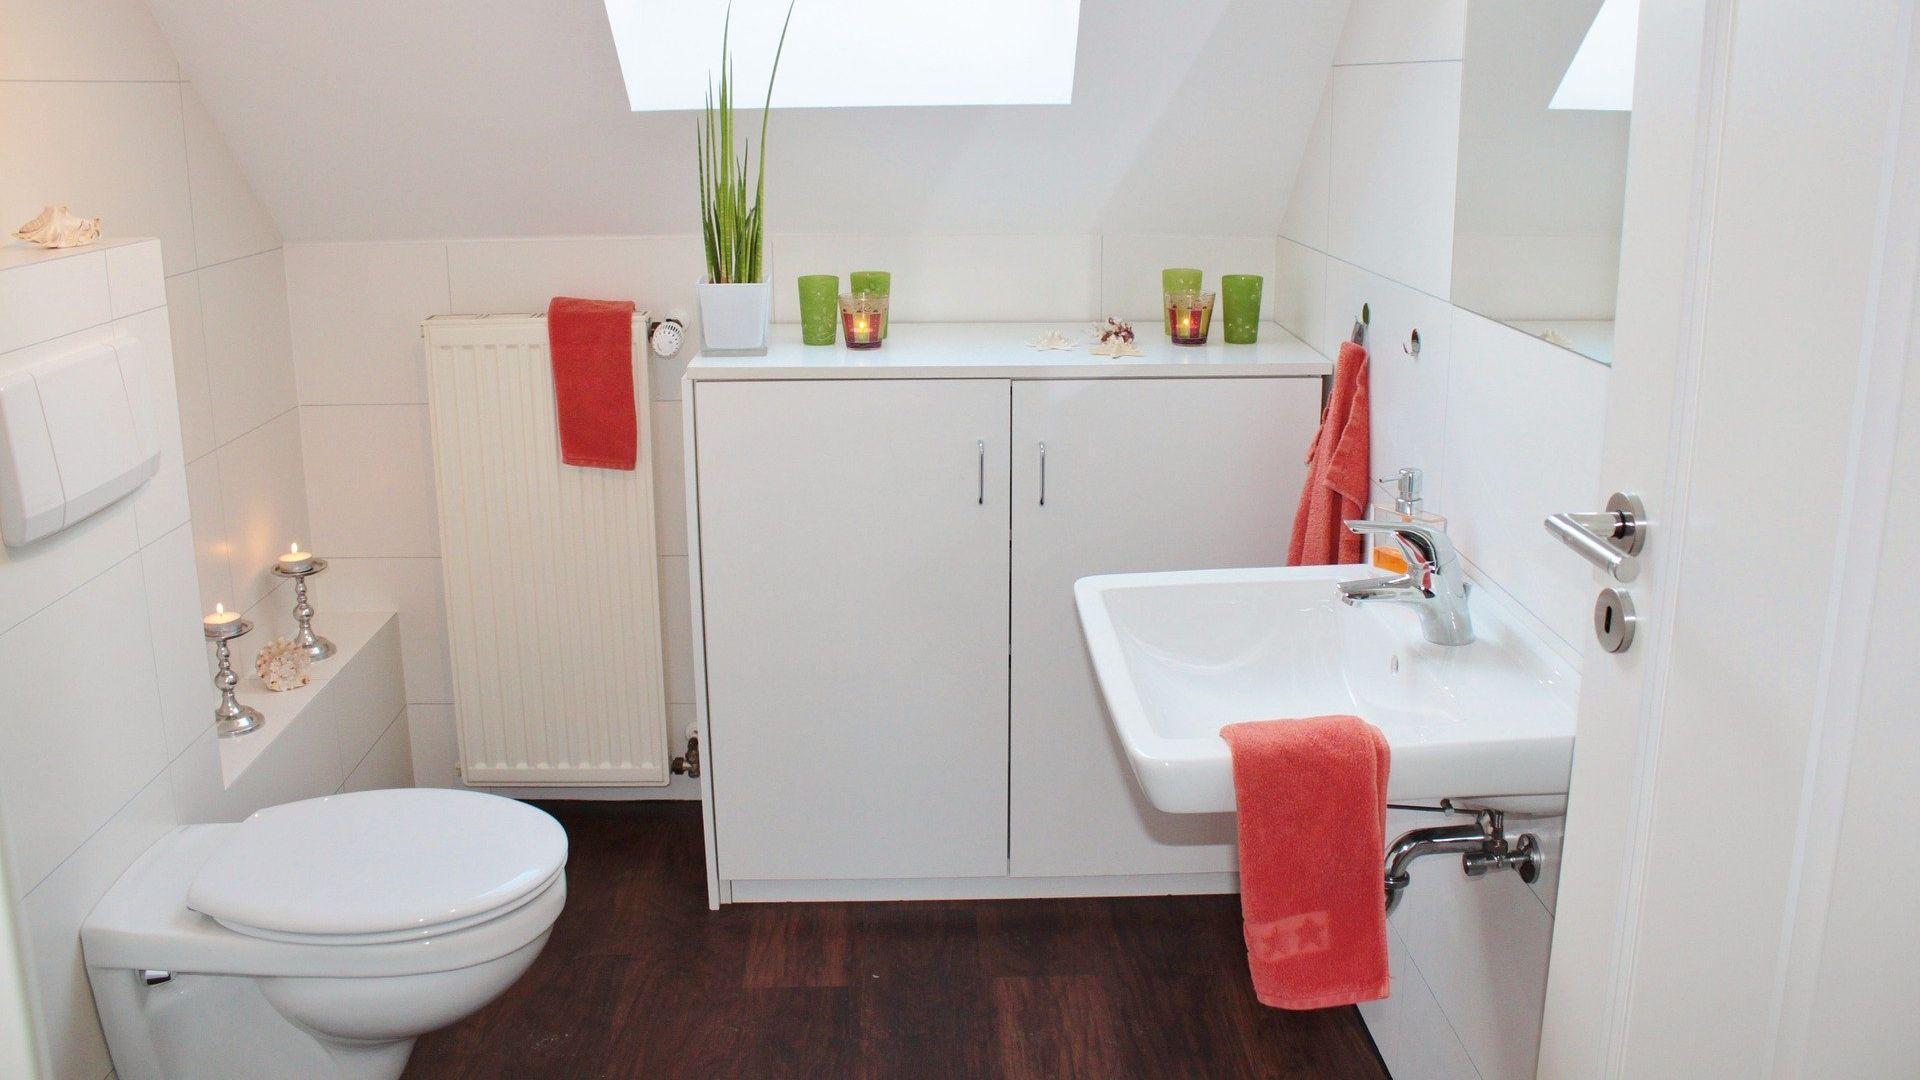 Waschbecken tauschen: Alle Infos zur Montage